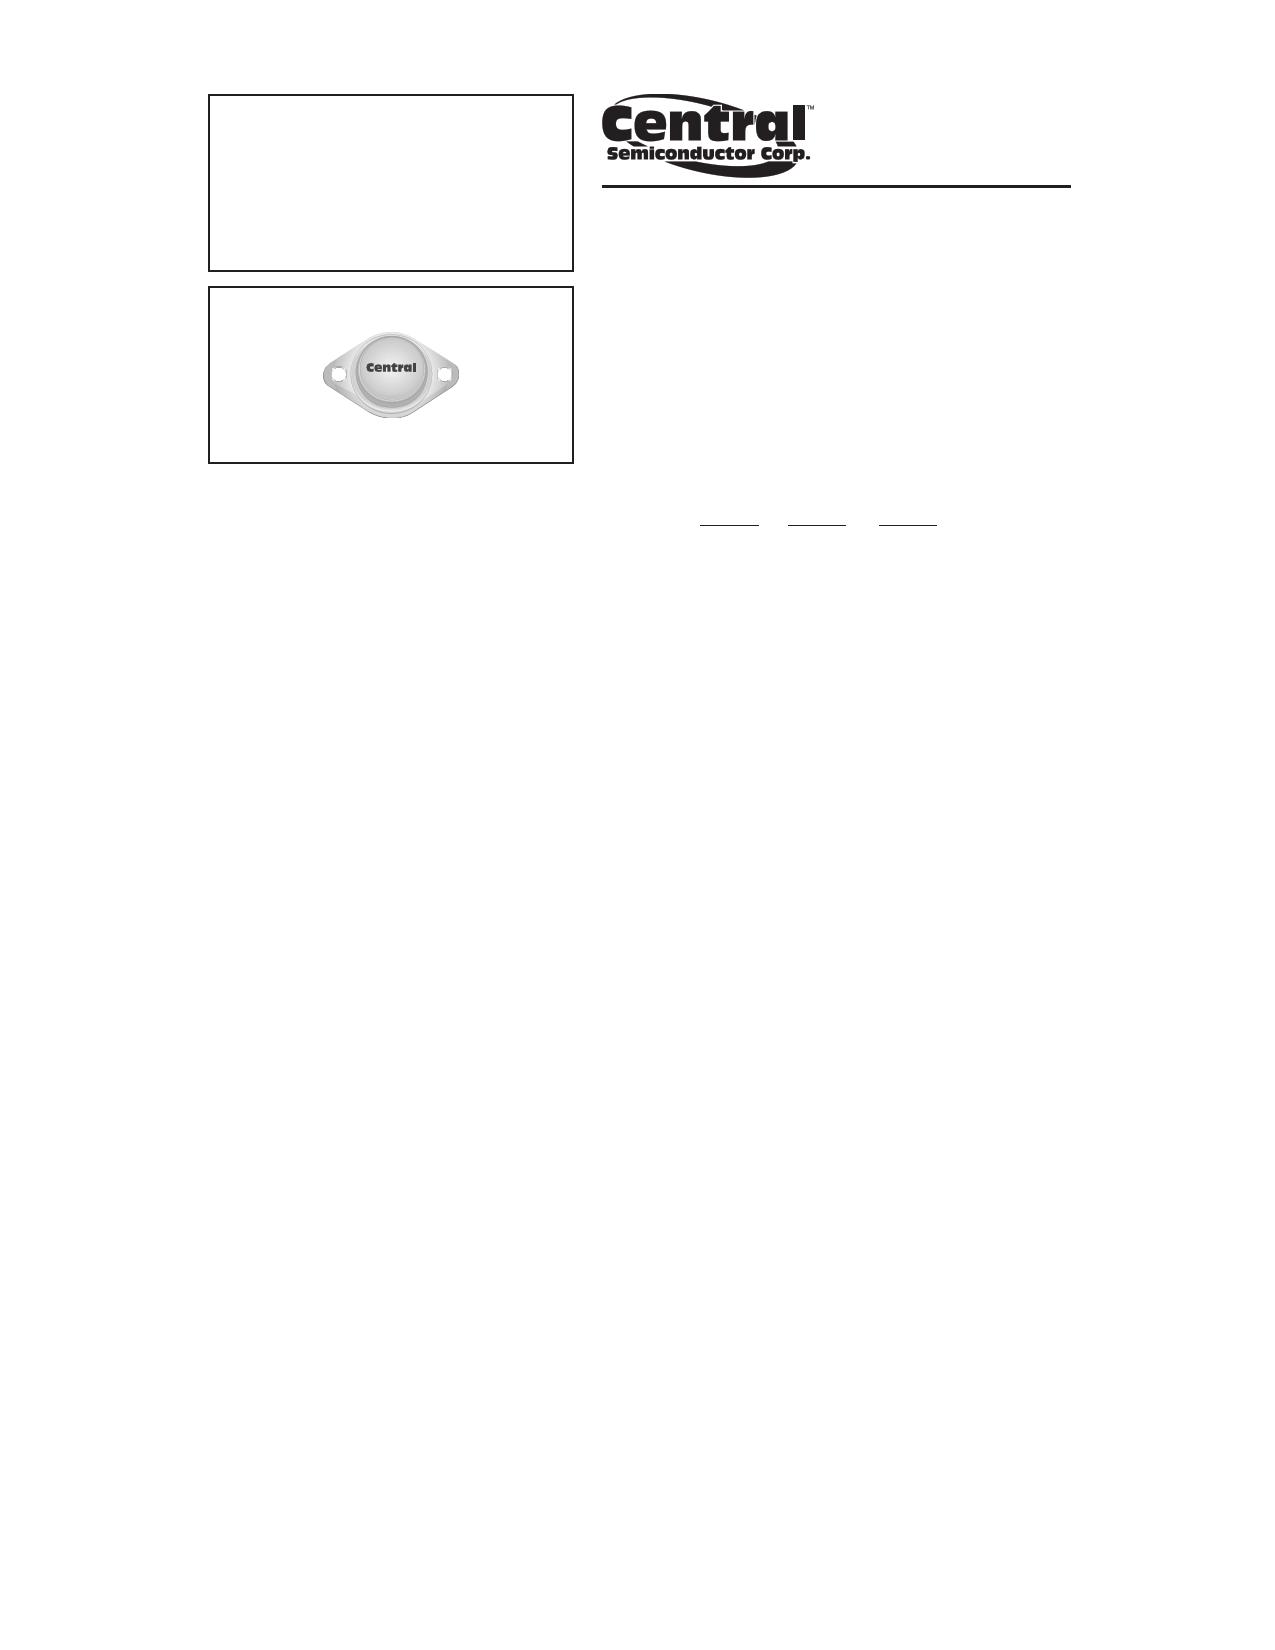 2N6285 Datasheet, 2N6285 PDF,ピン配置, 機能